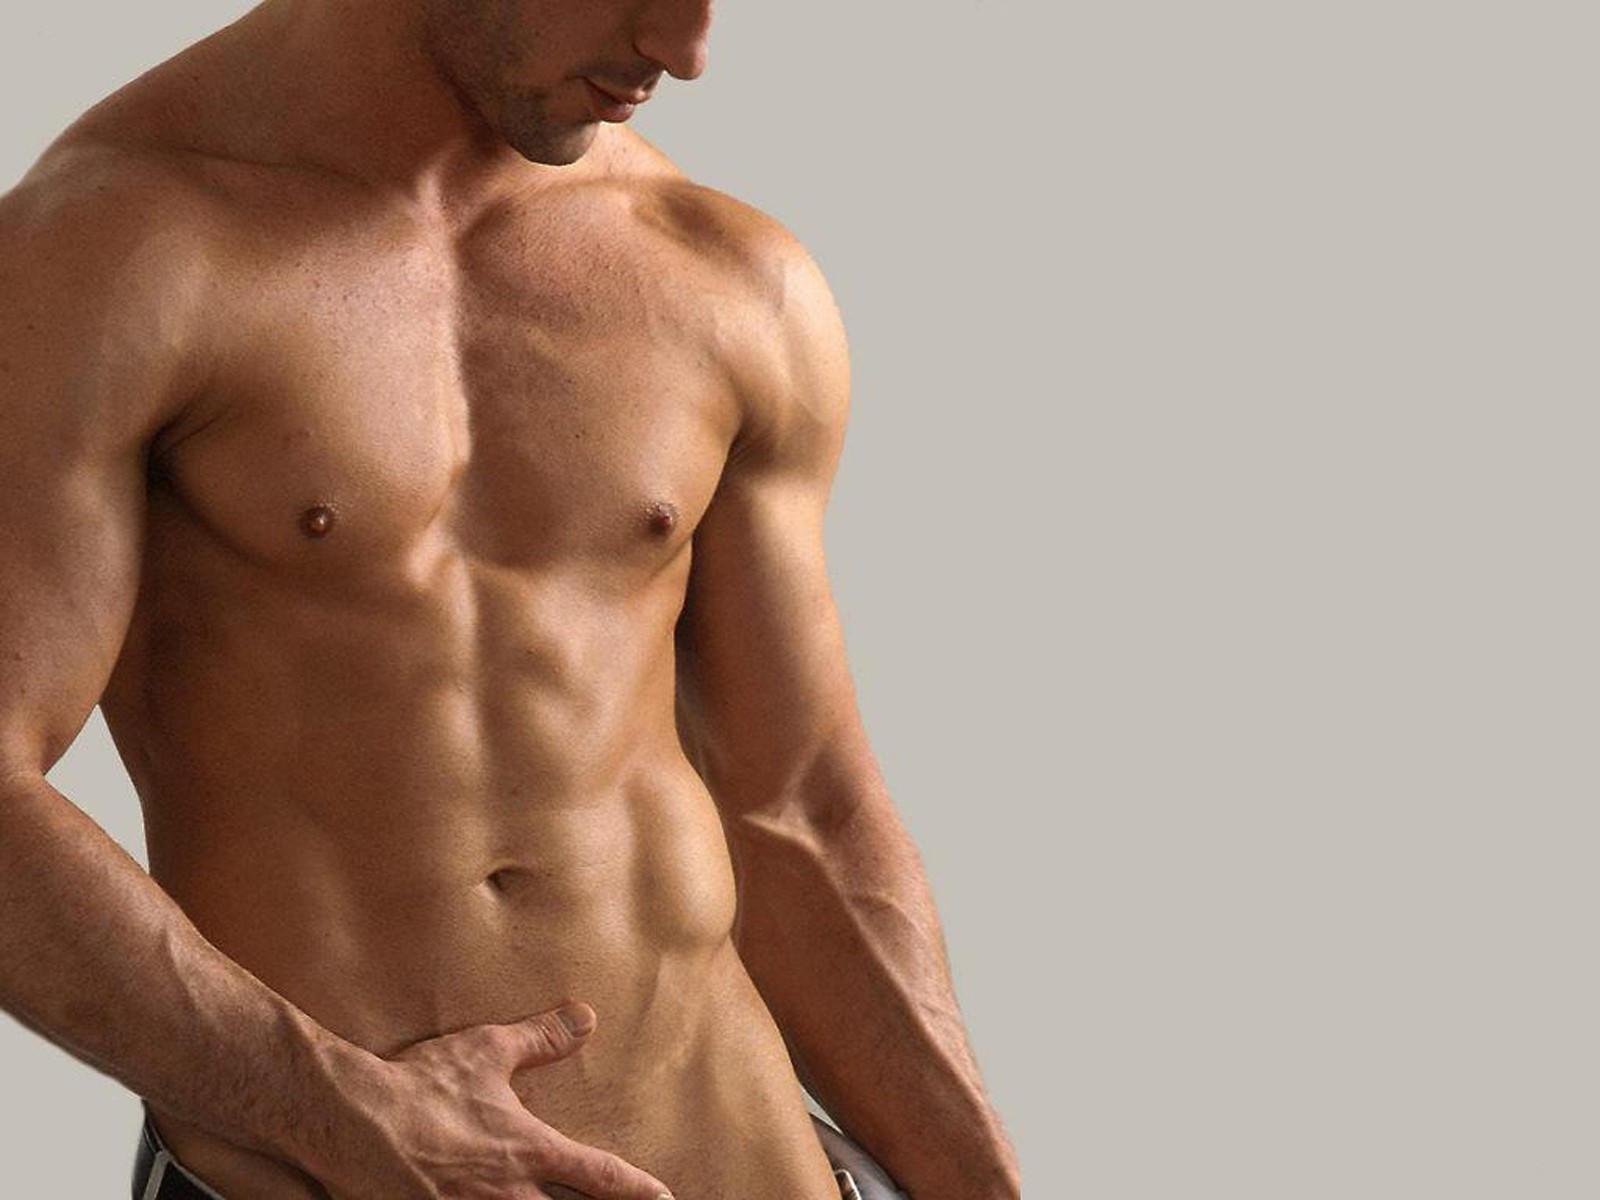 Красивых мужских тел специально для девченок, не только ж ведь мужчинам…